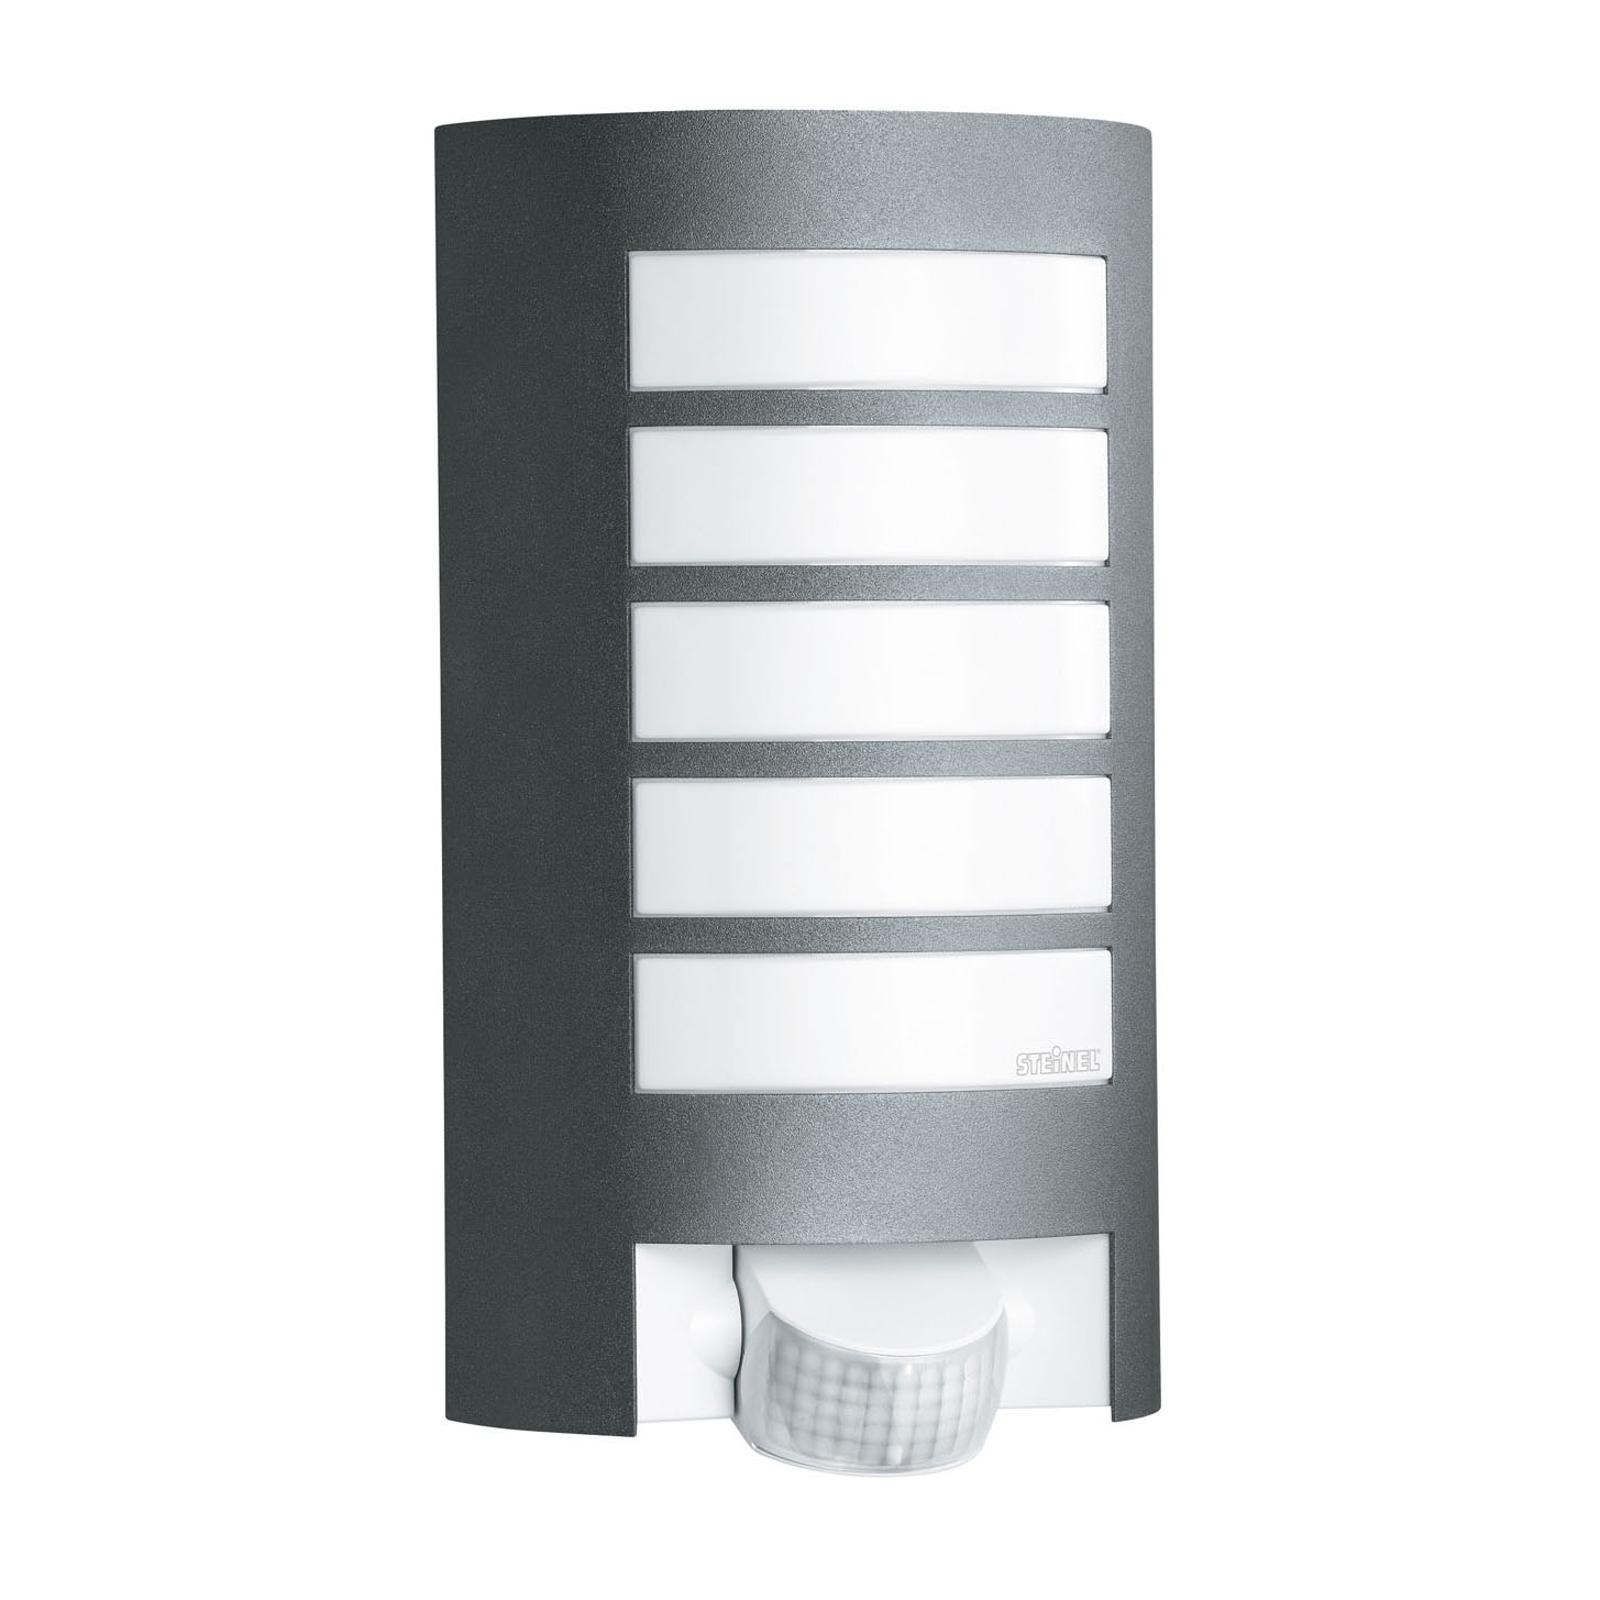 STEINEL L12 Sensor Außenwandleuchte, anthrazit